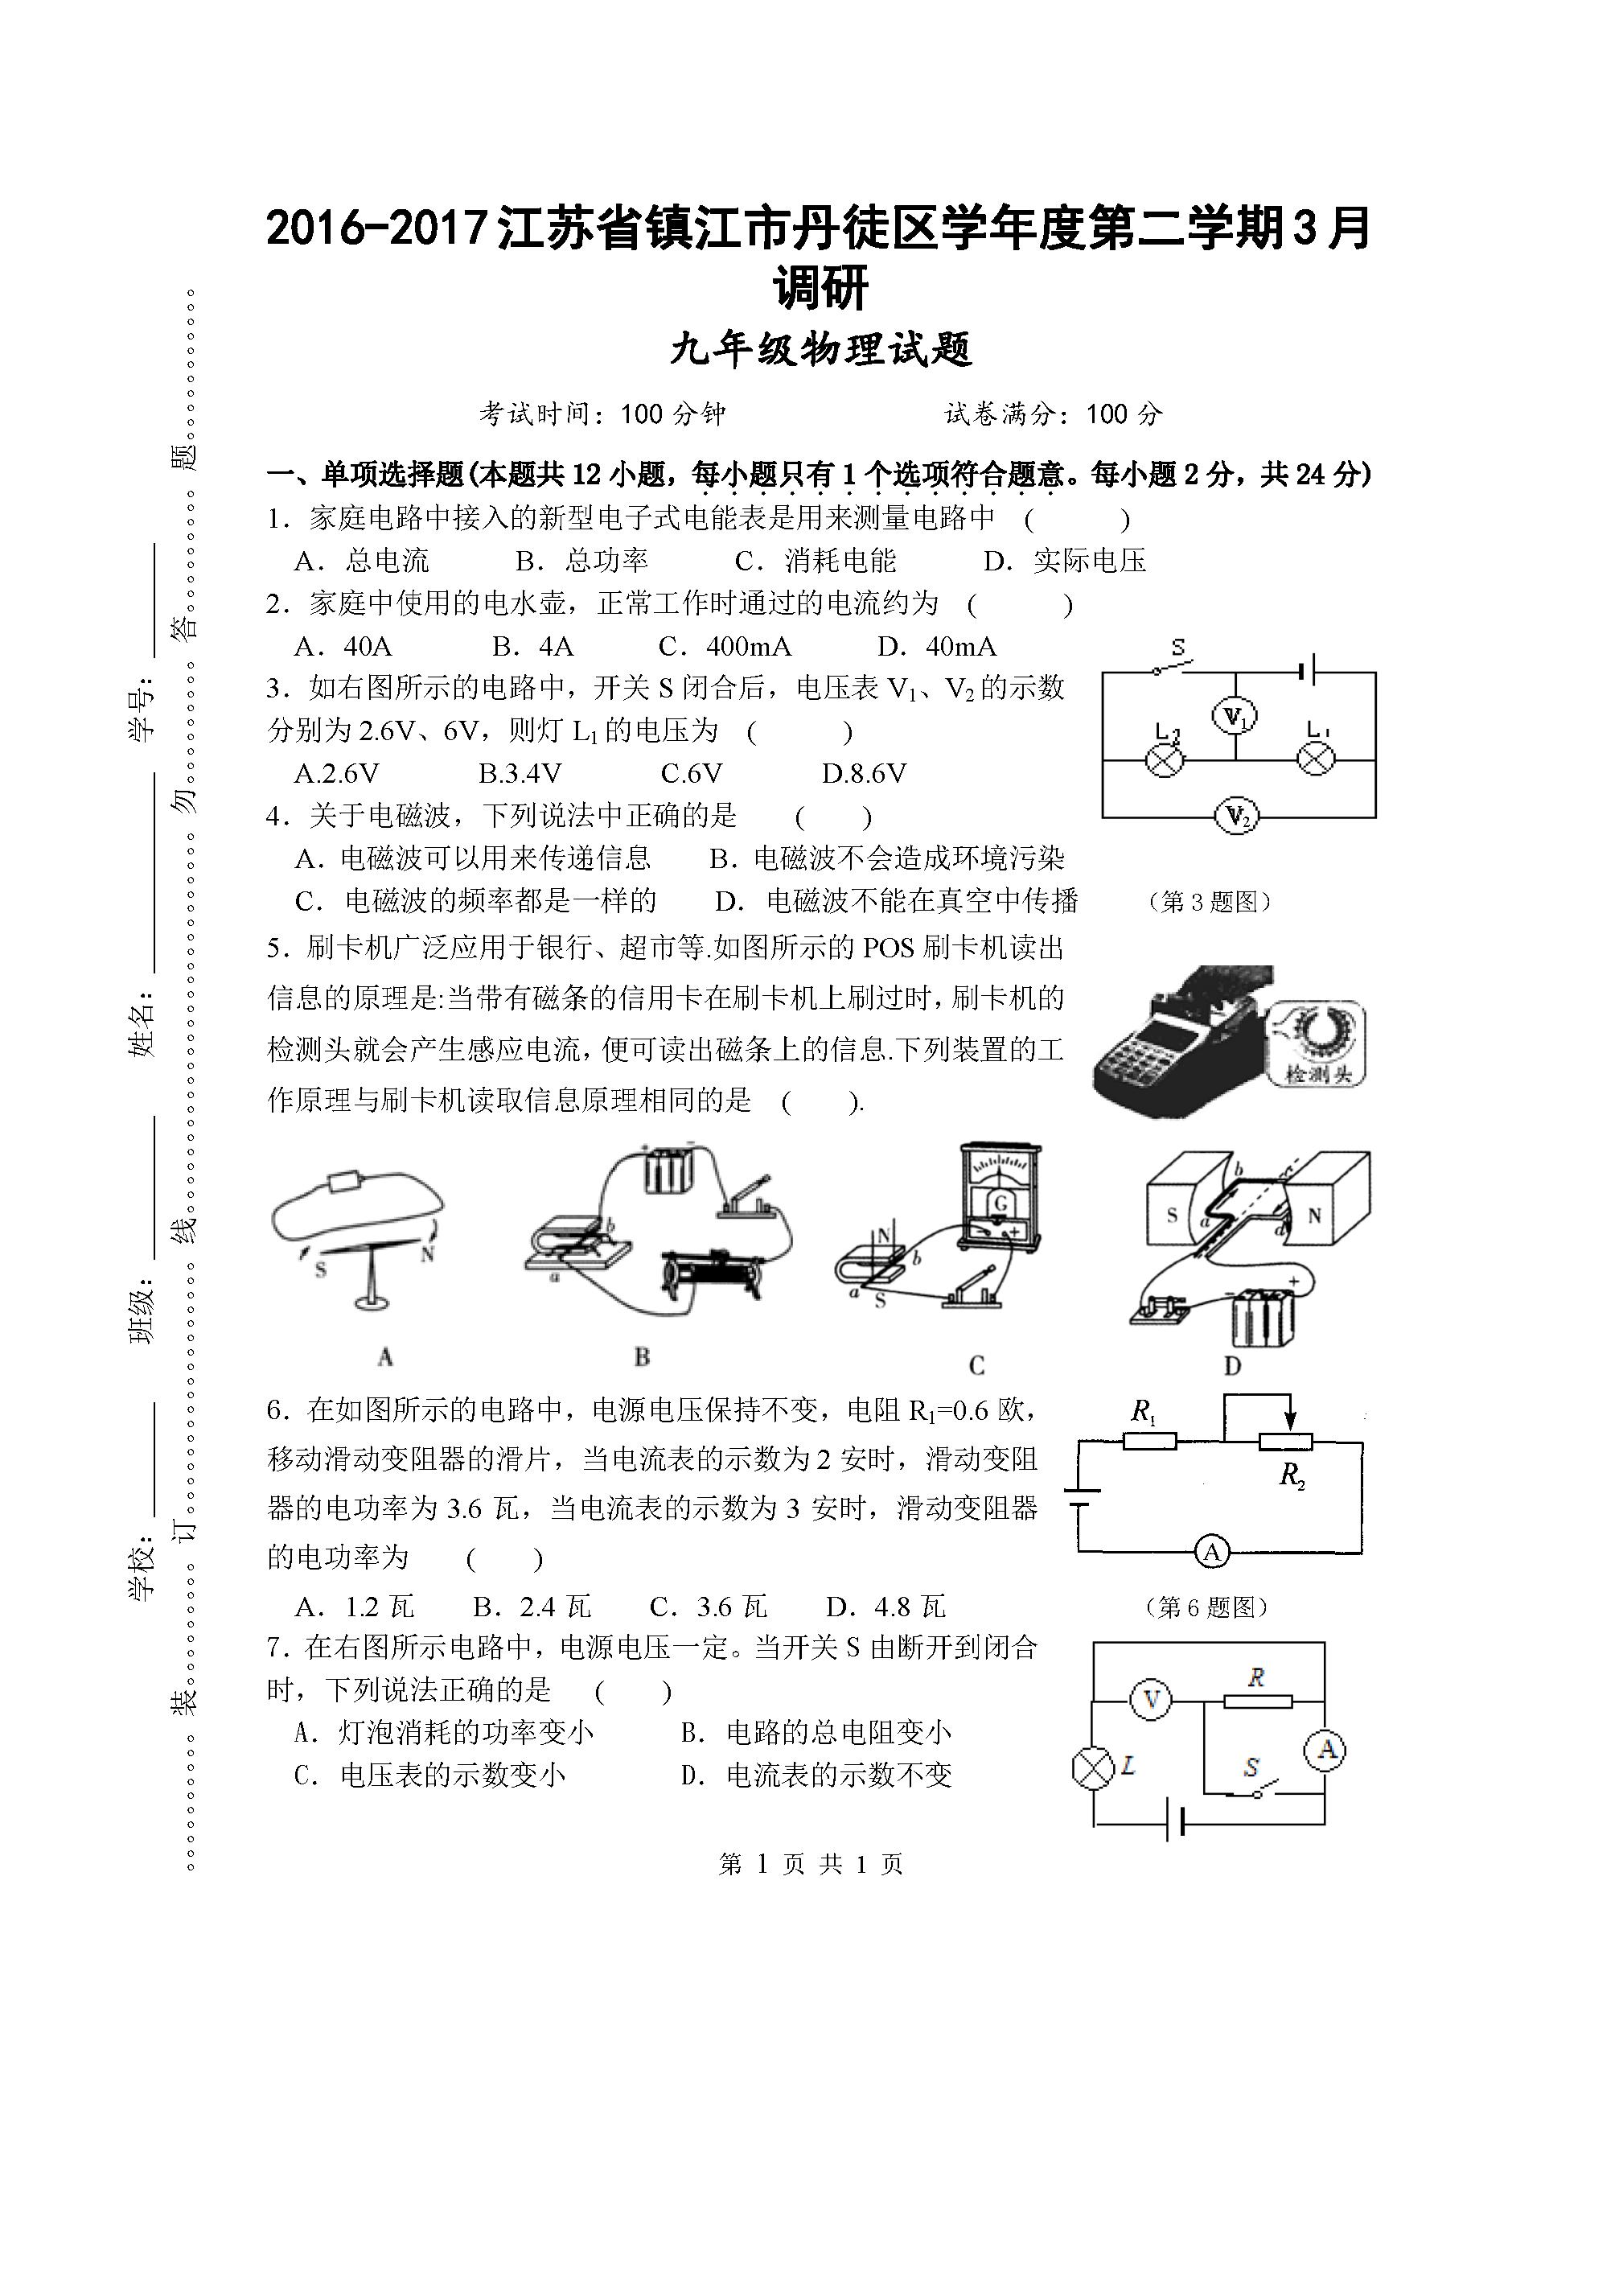 2016-2017江苏镇江丹徒九年级物理3月份调研试题(Word版)